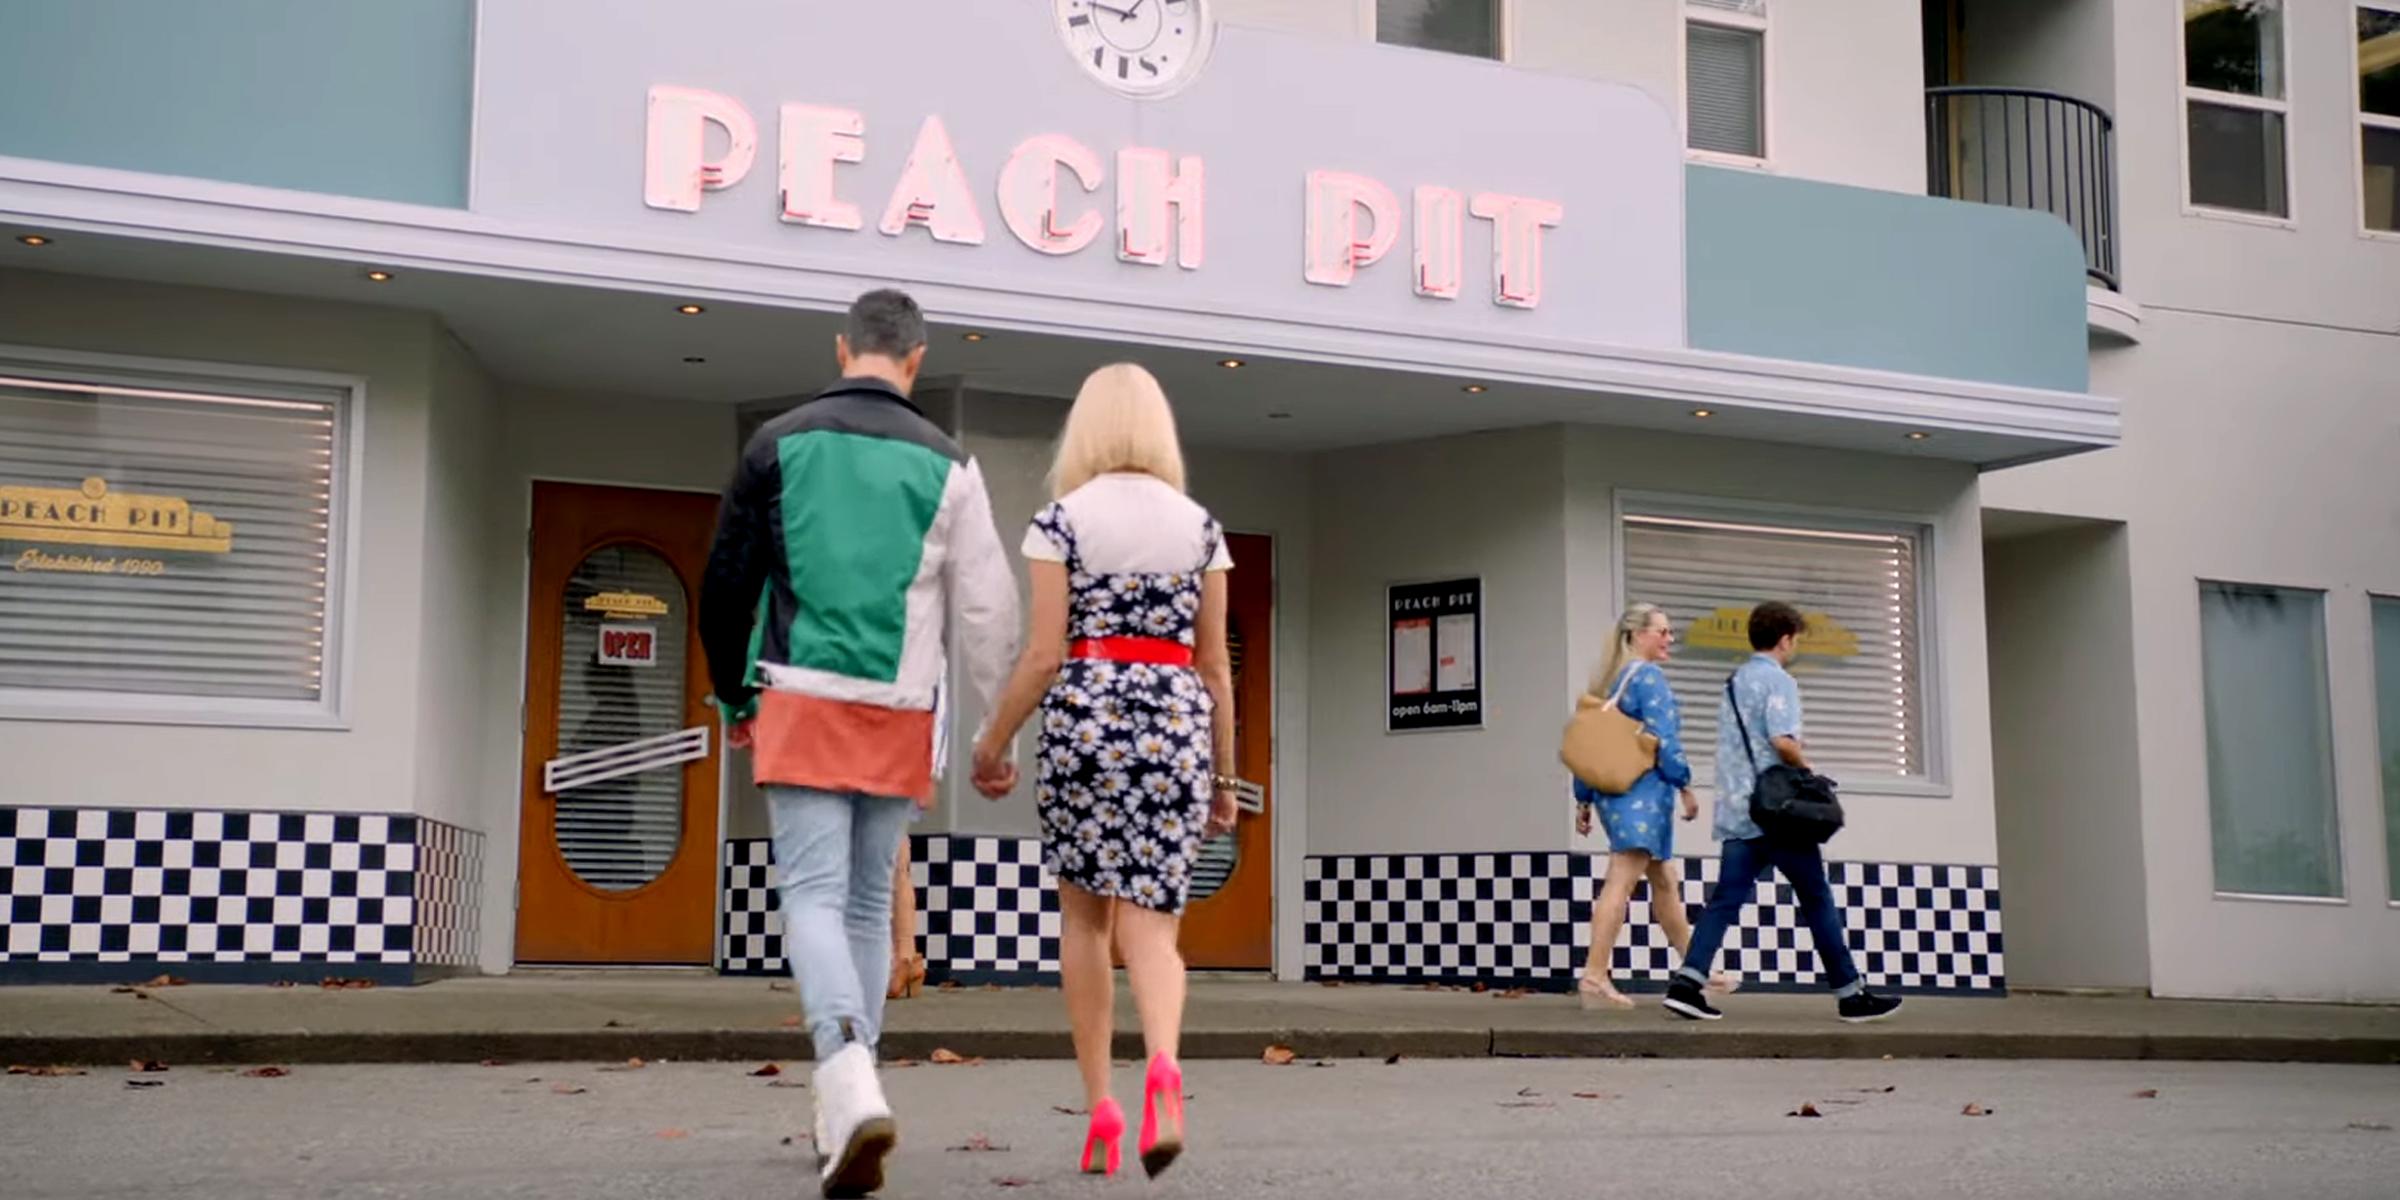 Beverly Hills 90210 revival: il PEACH PIT riapre e i fan potranno prenotare in occasione del riavvio della serie